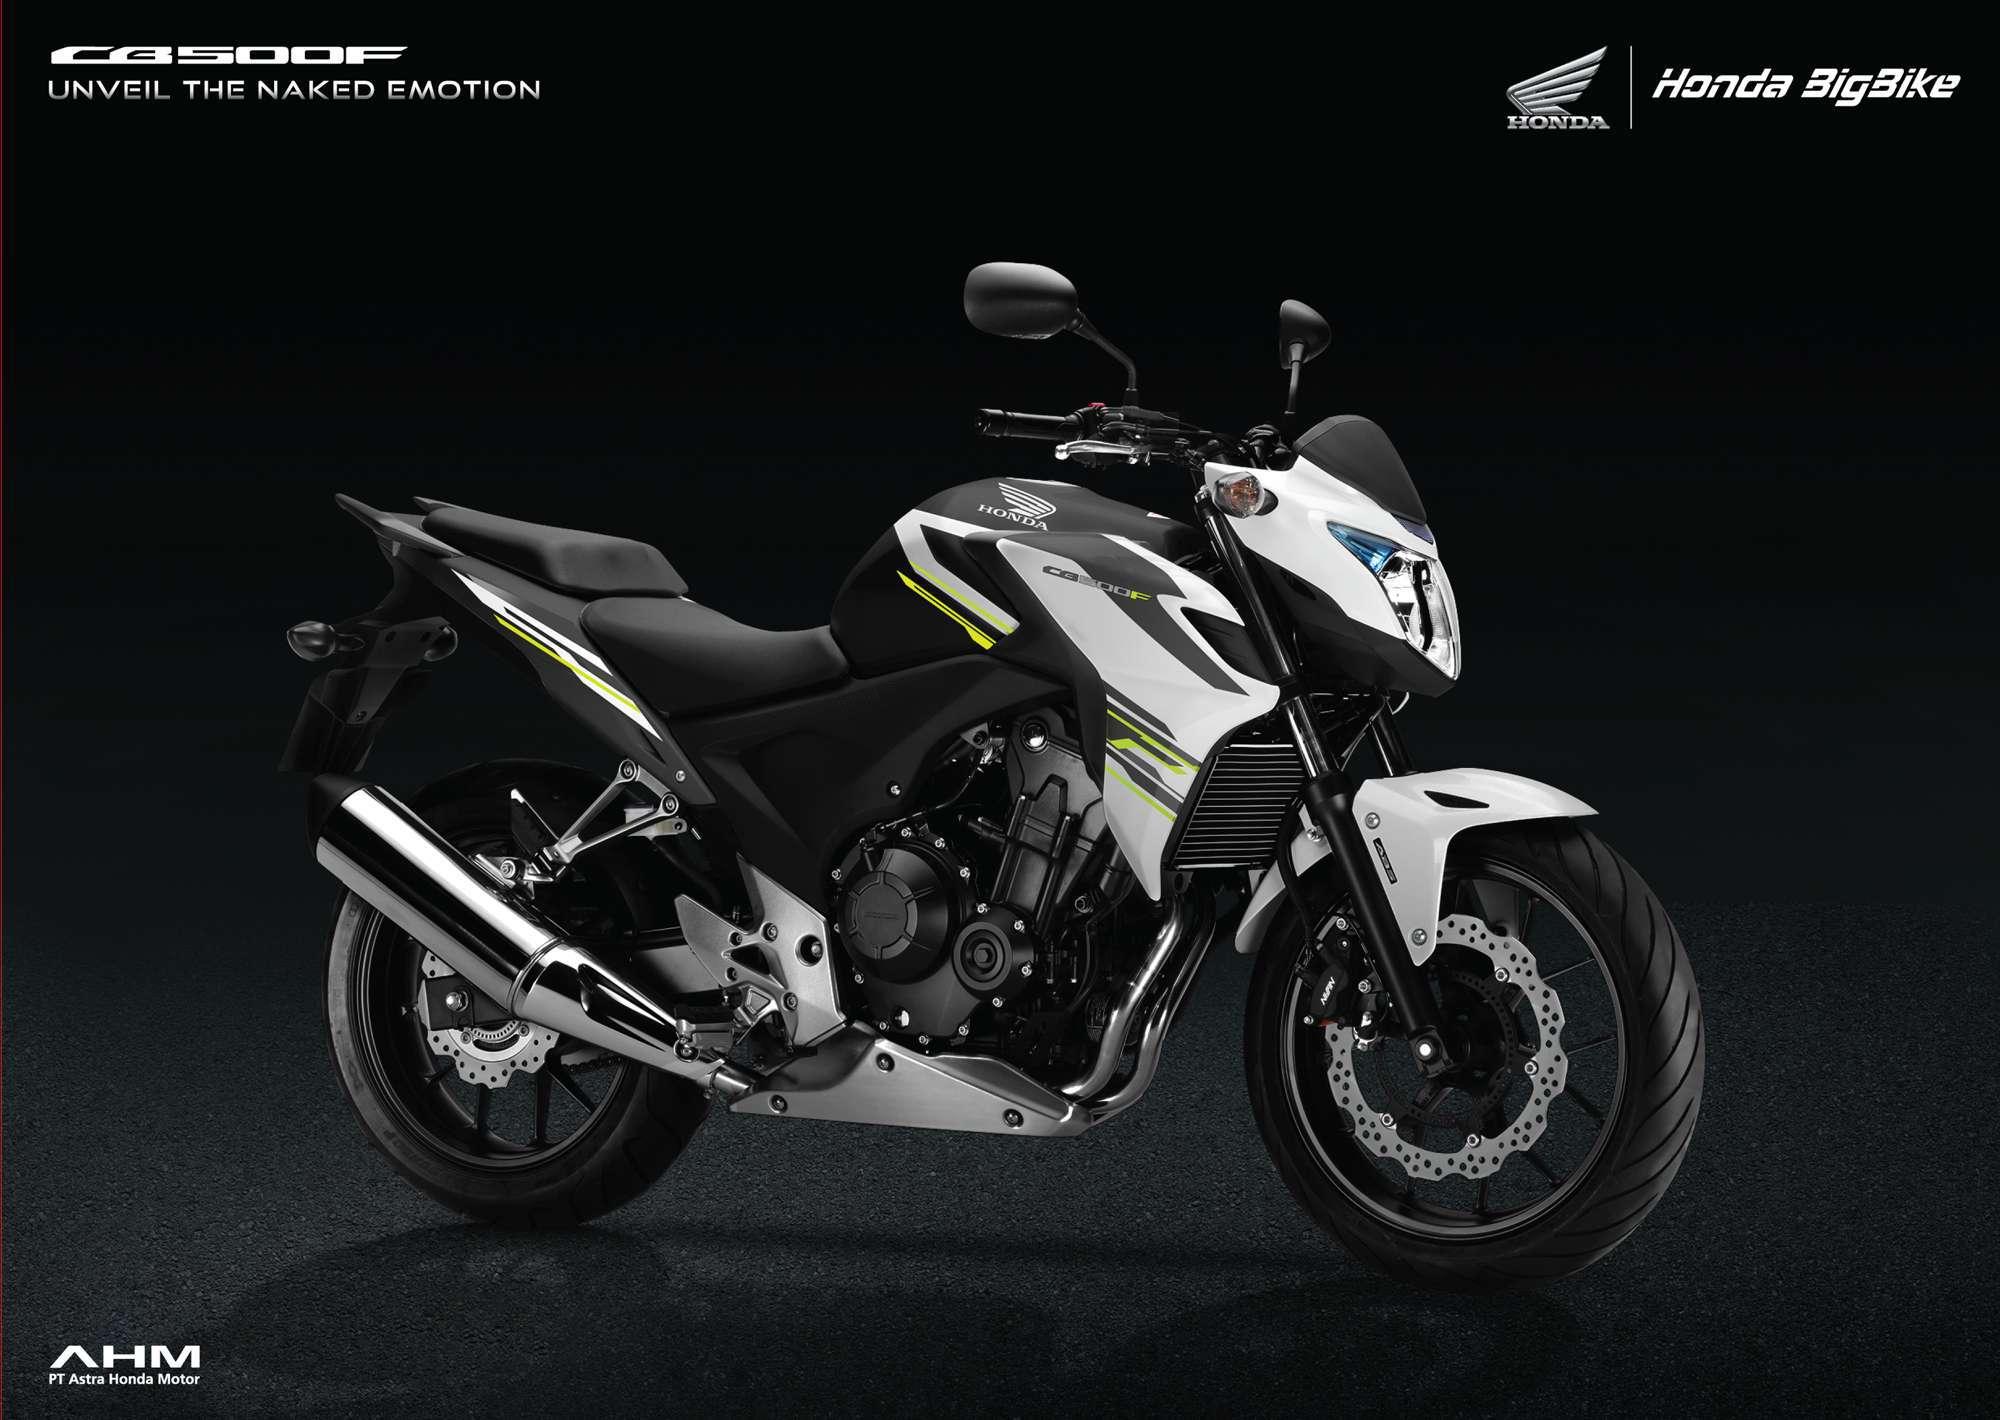 Brosur Motor Honda CB500F